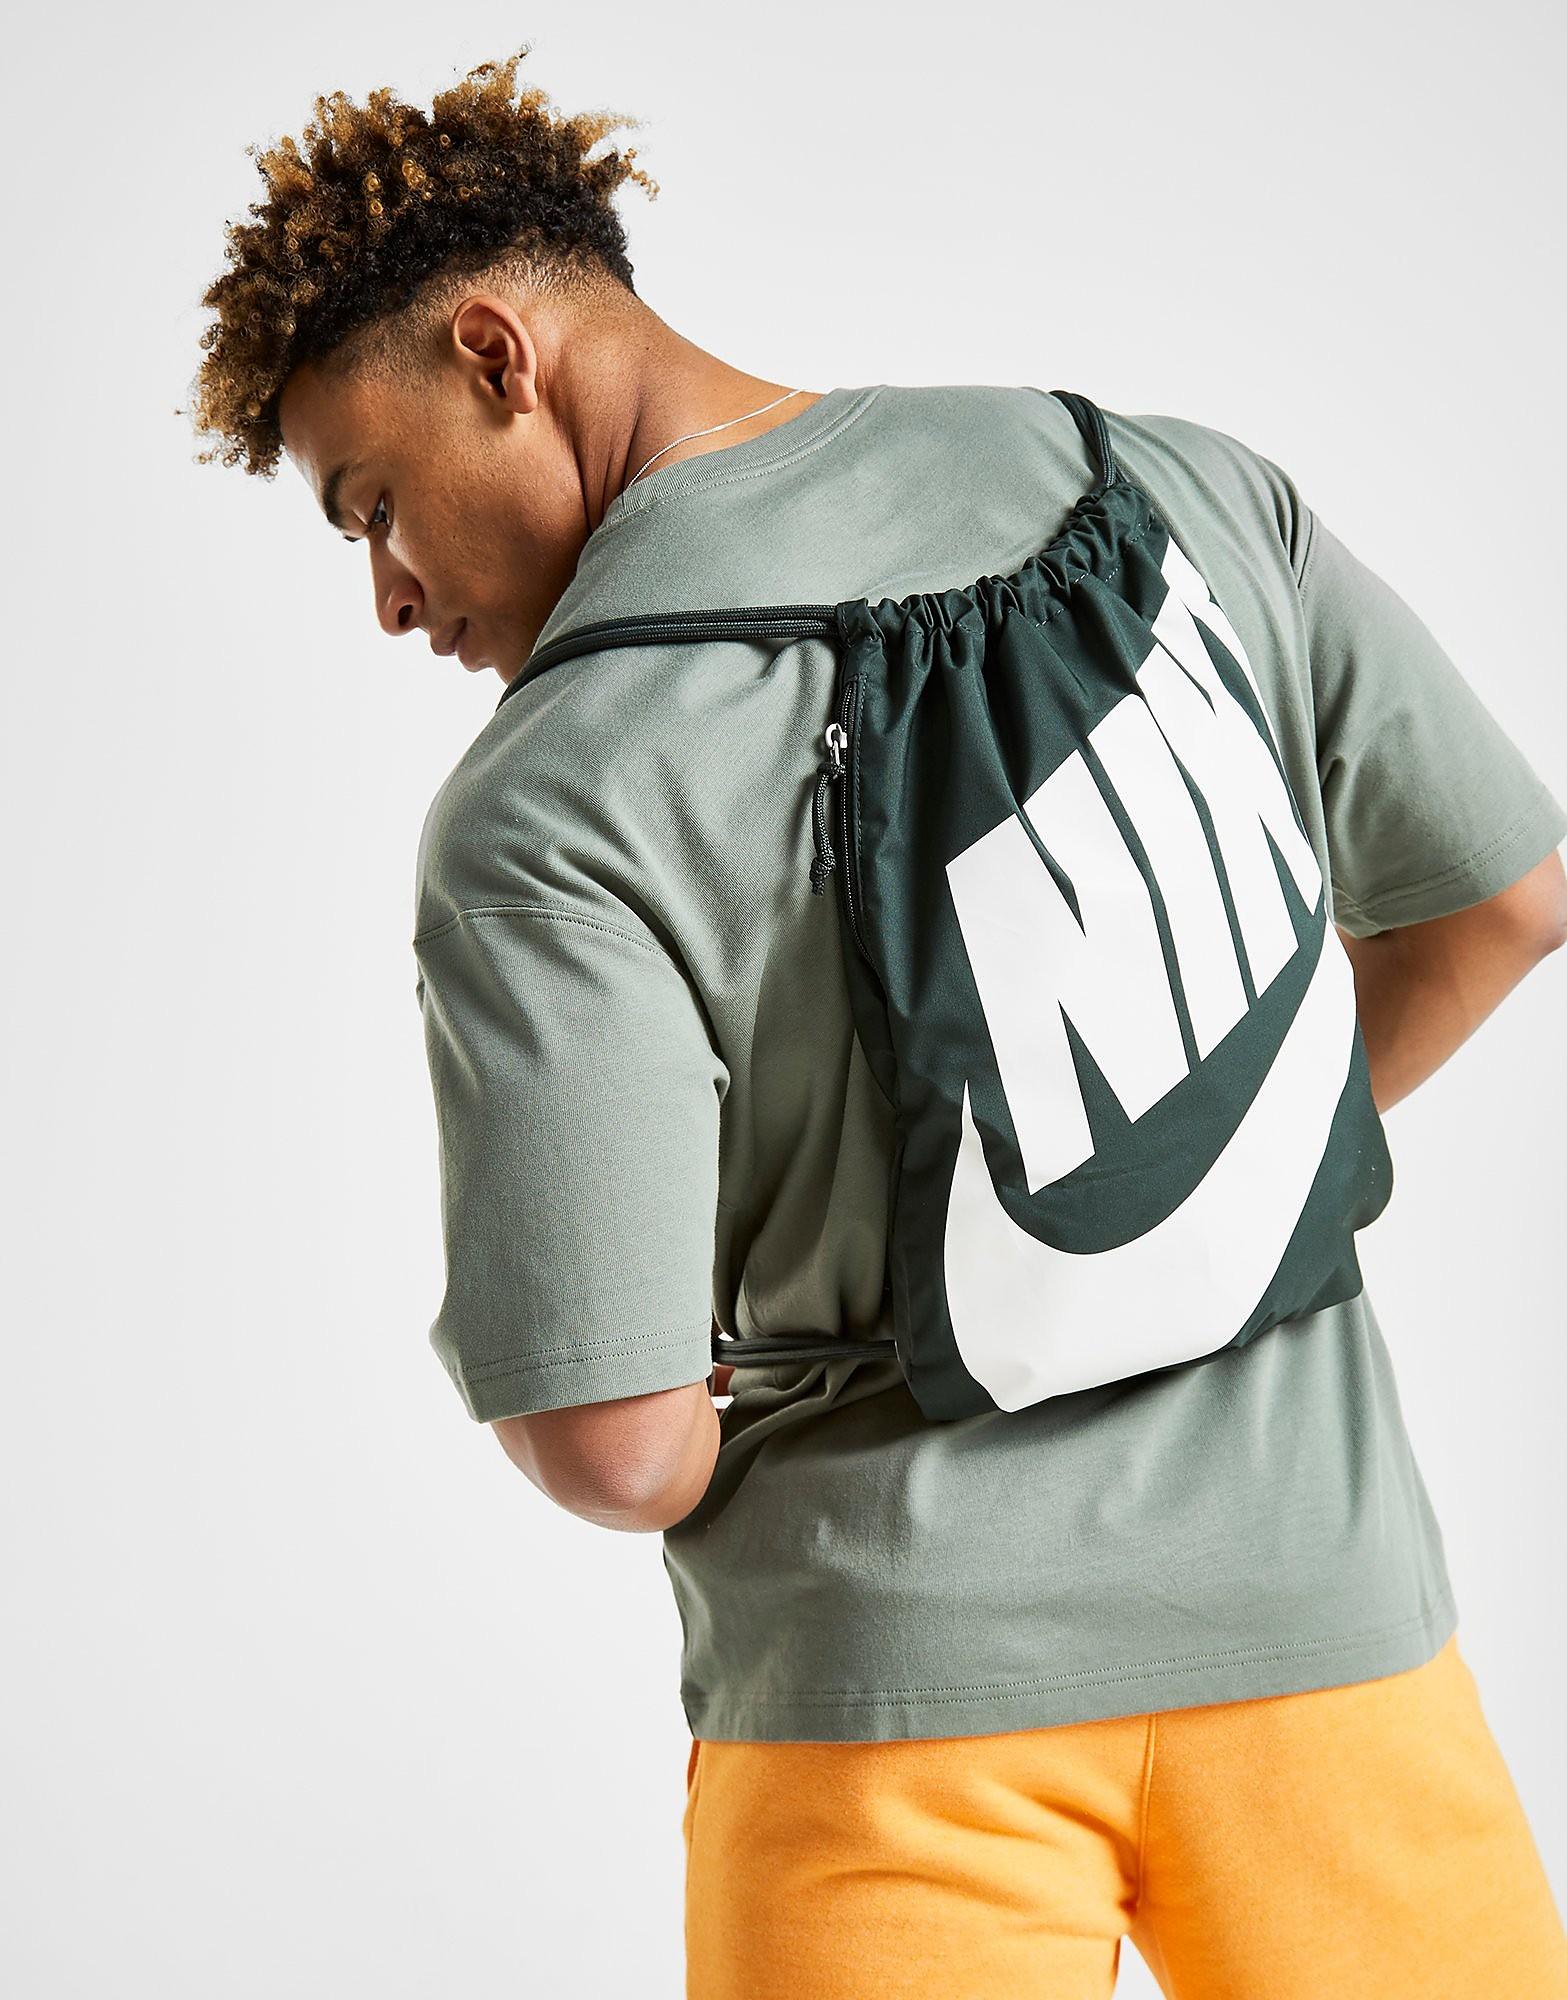 Nike gymtas groen en wit